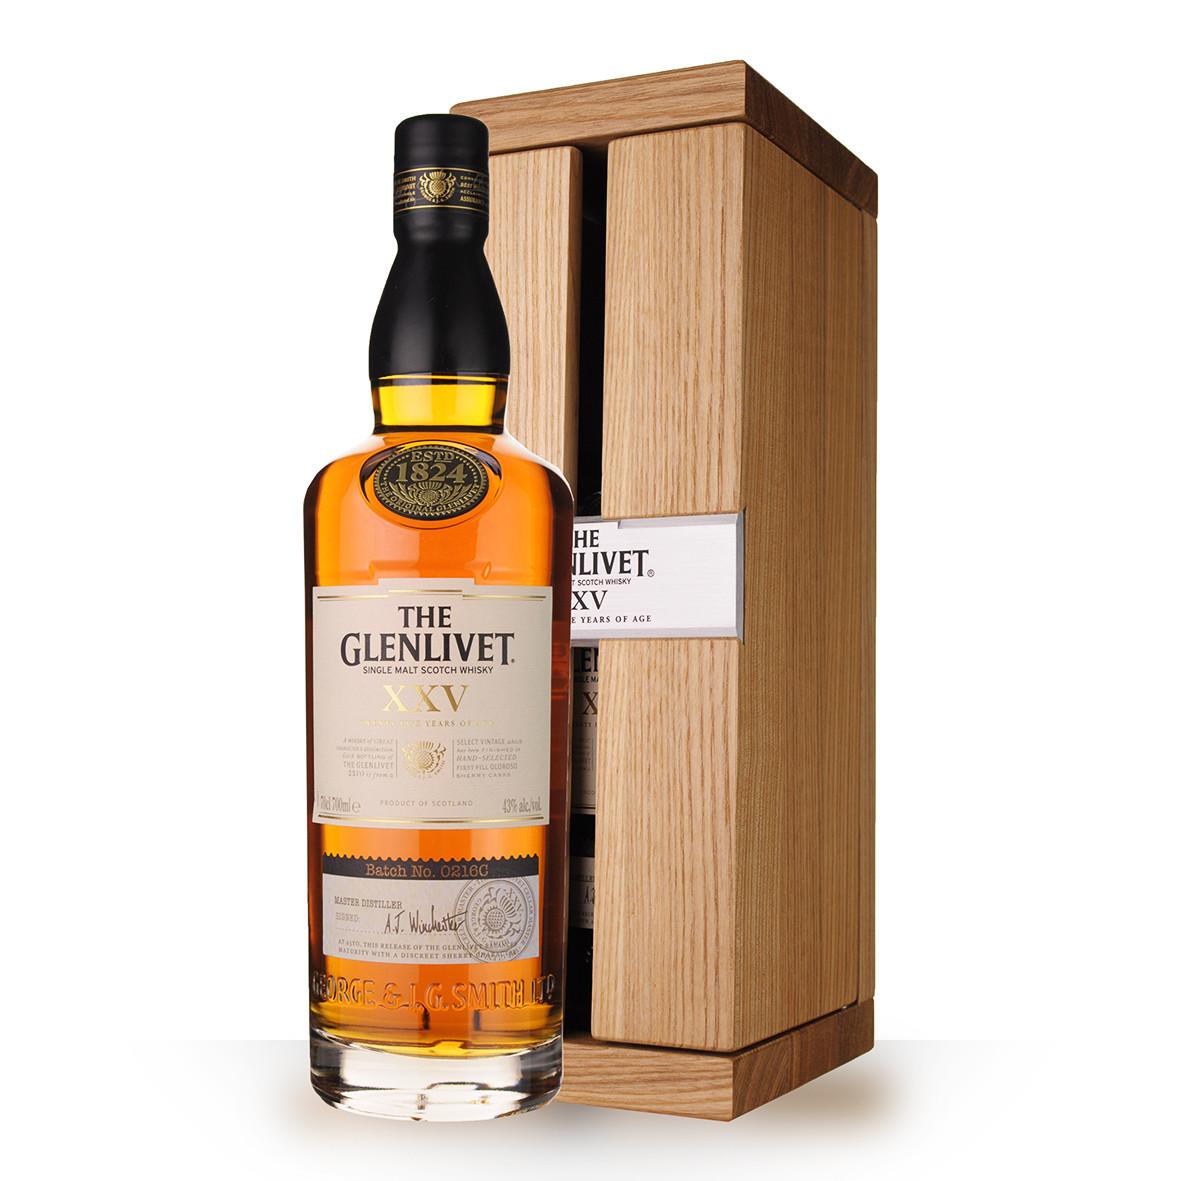 Whisky The Glenlivet 25 ans 70cl Coffret www.odyssee-vins.com